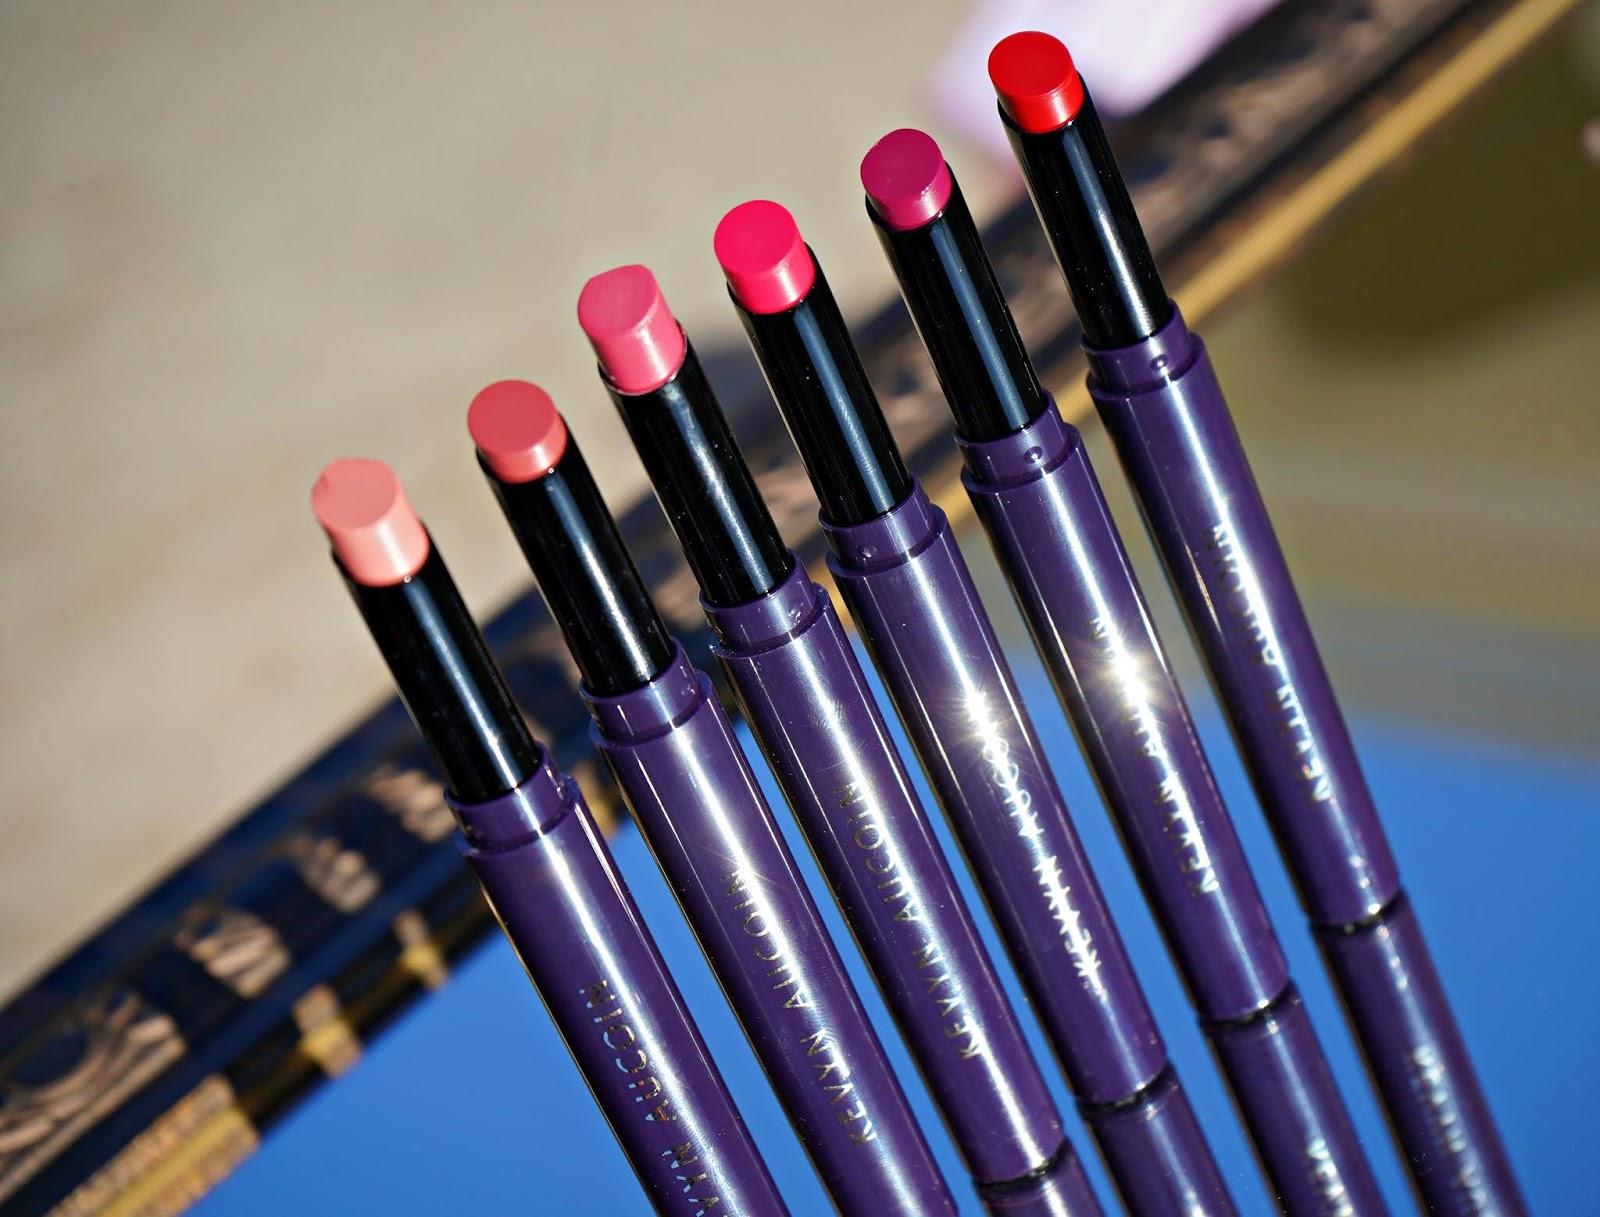 Kevyn Aucoin Unforgettable Lipstick swatches